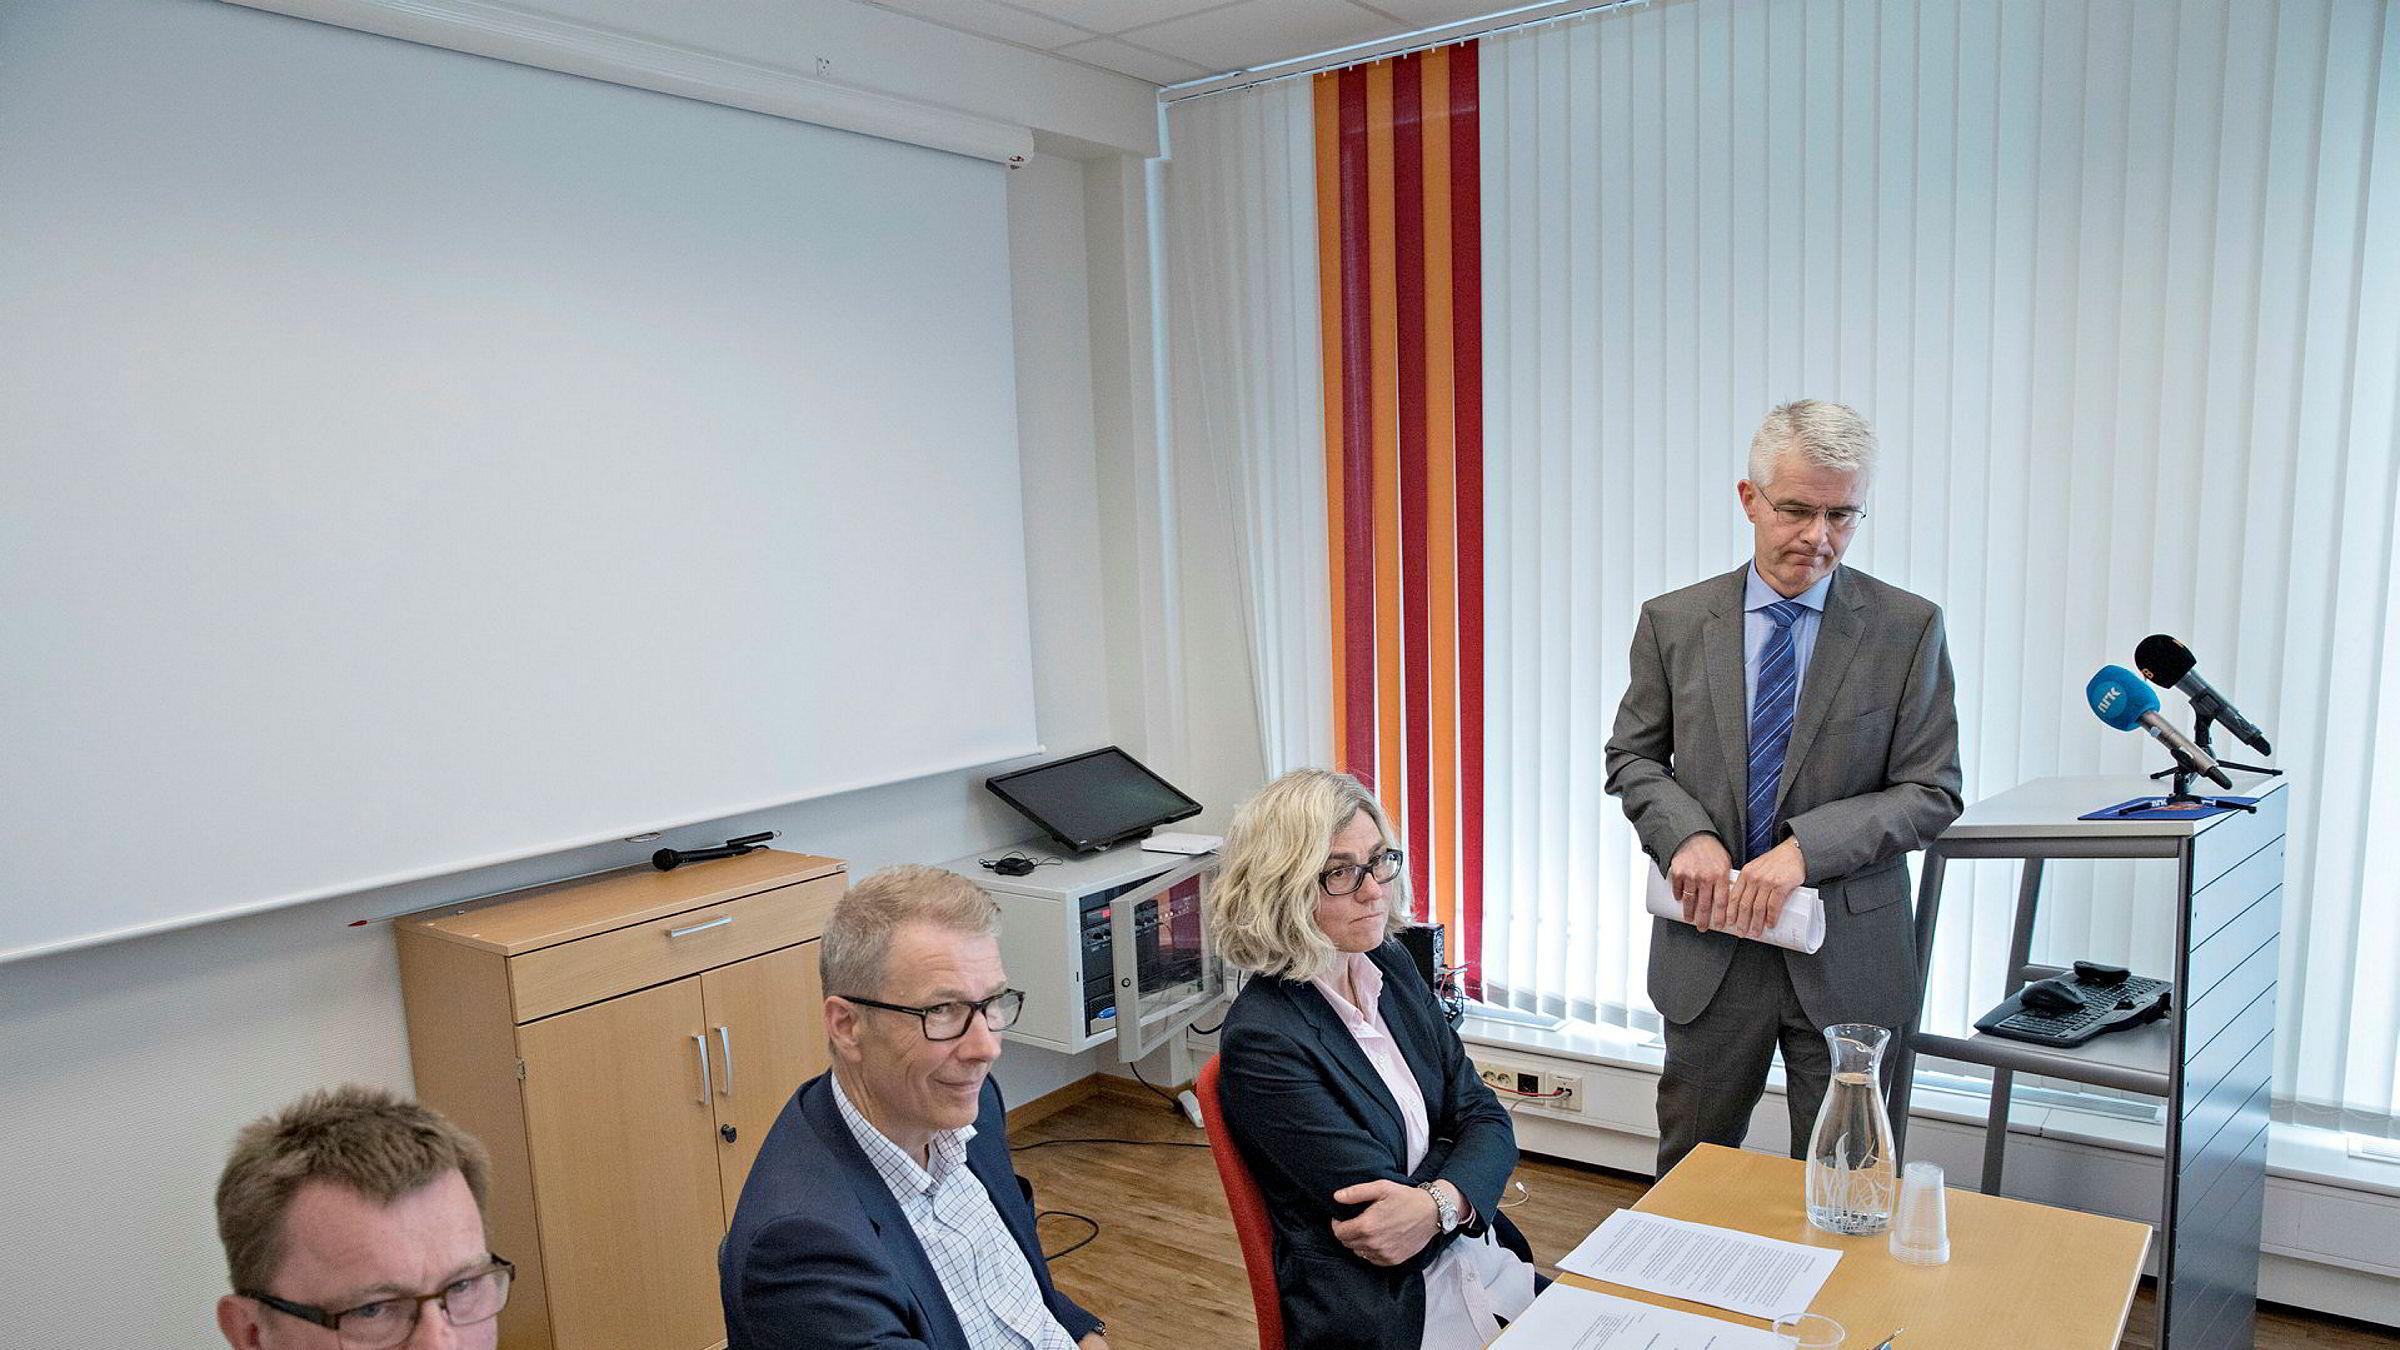 Morten Holmboe (fra venstre), Finn Eide, Liv Synnøve Taraldsrud og Økokrim-sjef Trond Eirik Schea da utvalget etter Transocean-saken la frem sin rapport hos Riksadvokaten i Oslo.